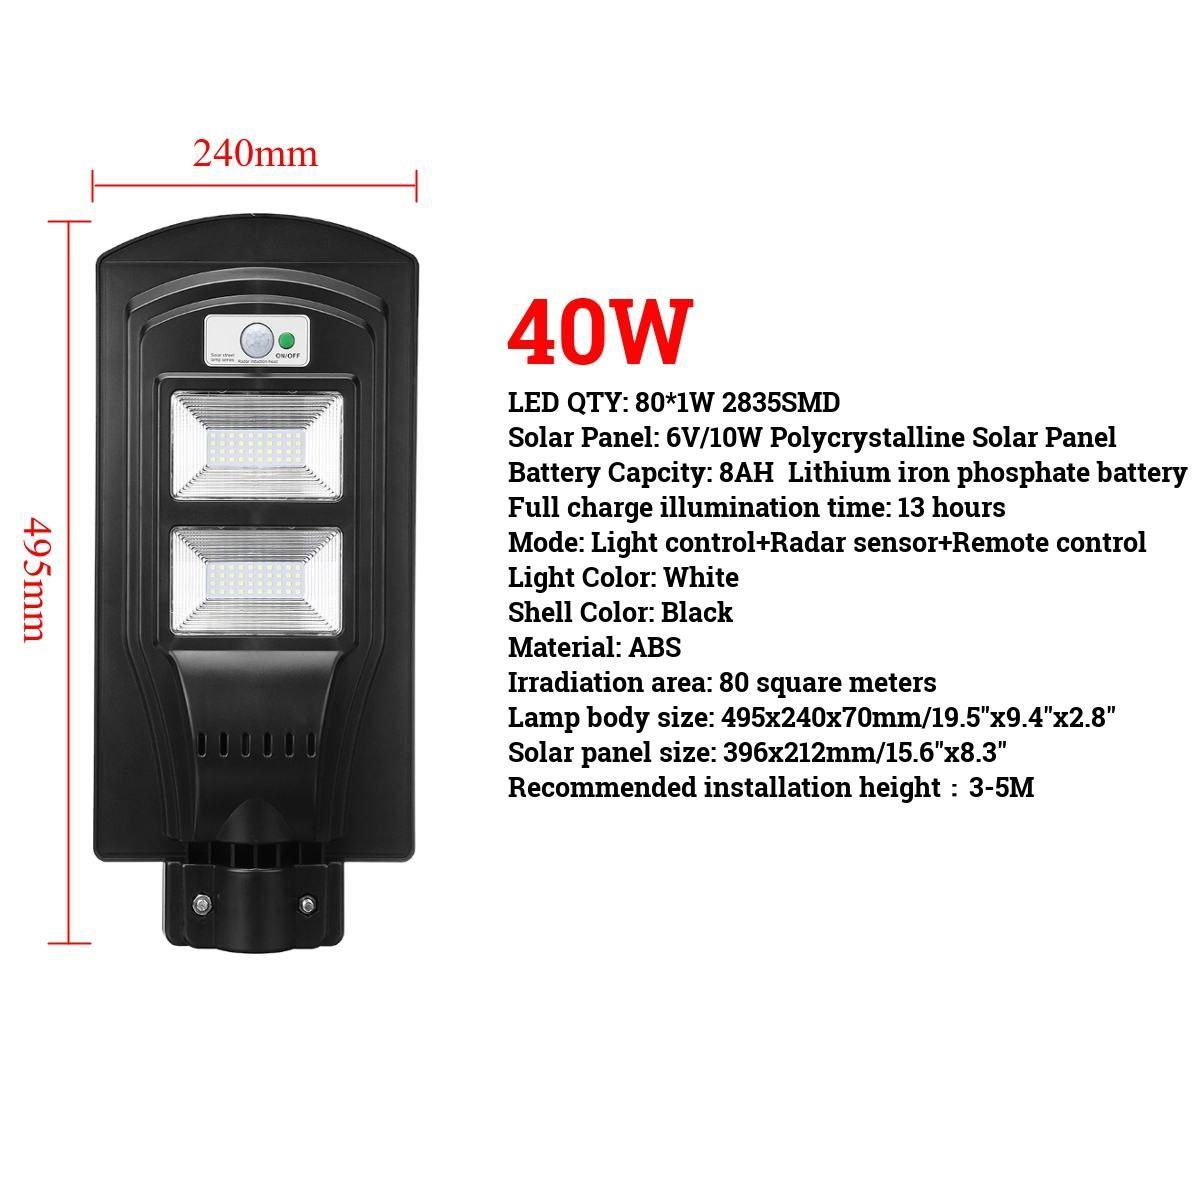 40/60/90 W mur LED lampe IP65 solaire réverbère Radar mouvement 2 en 1 constamment lumineux et Induction capteur solaire télécommande